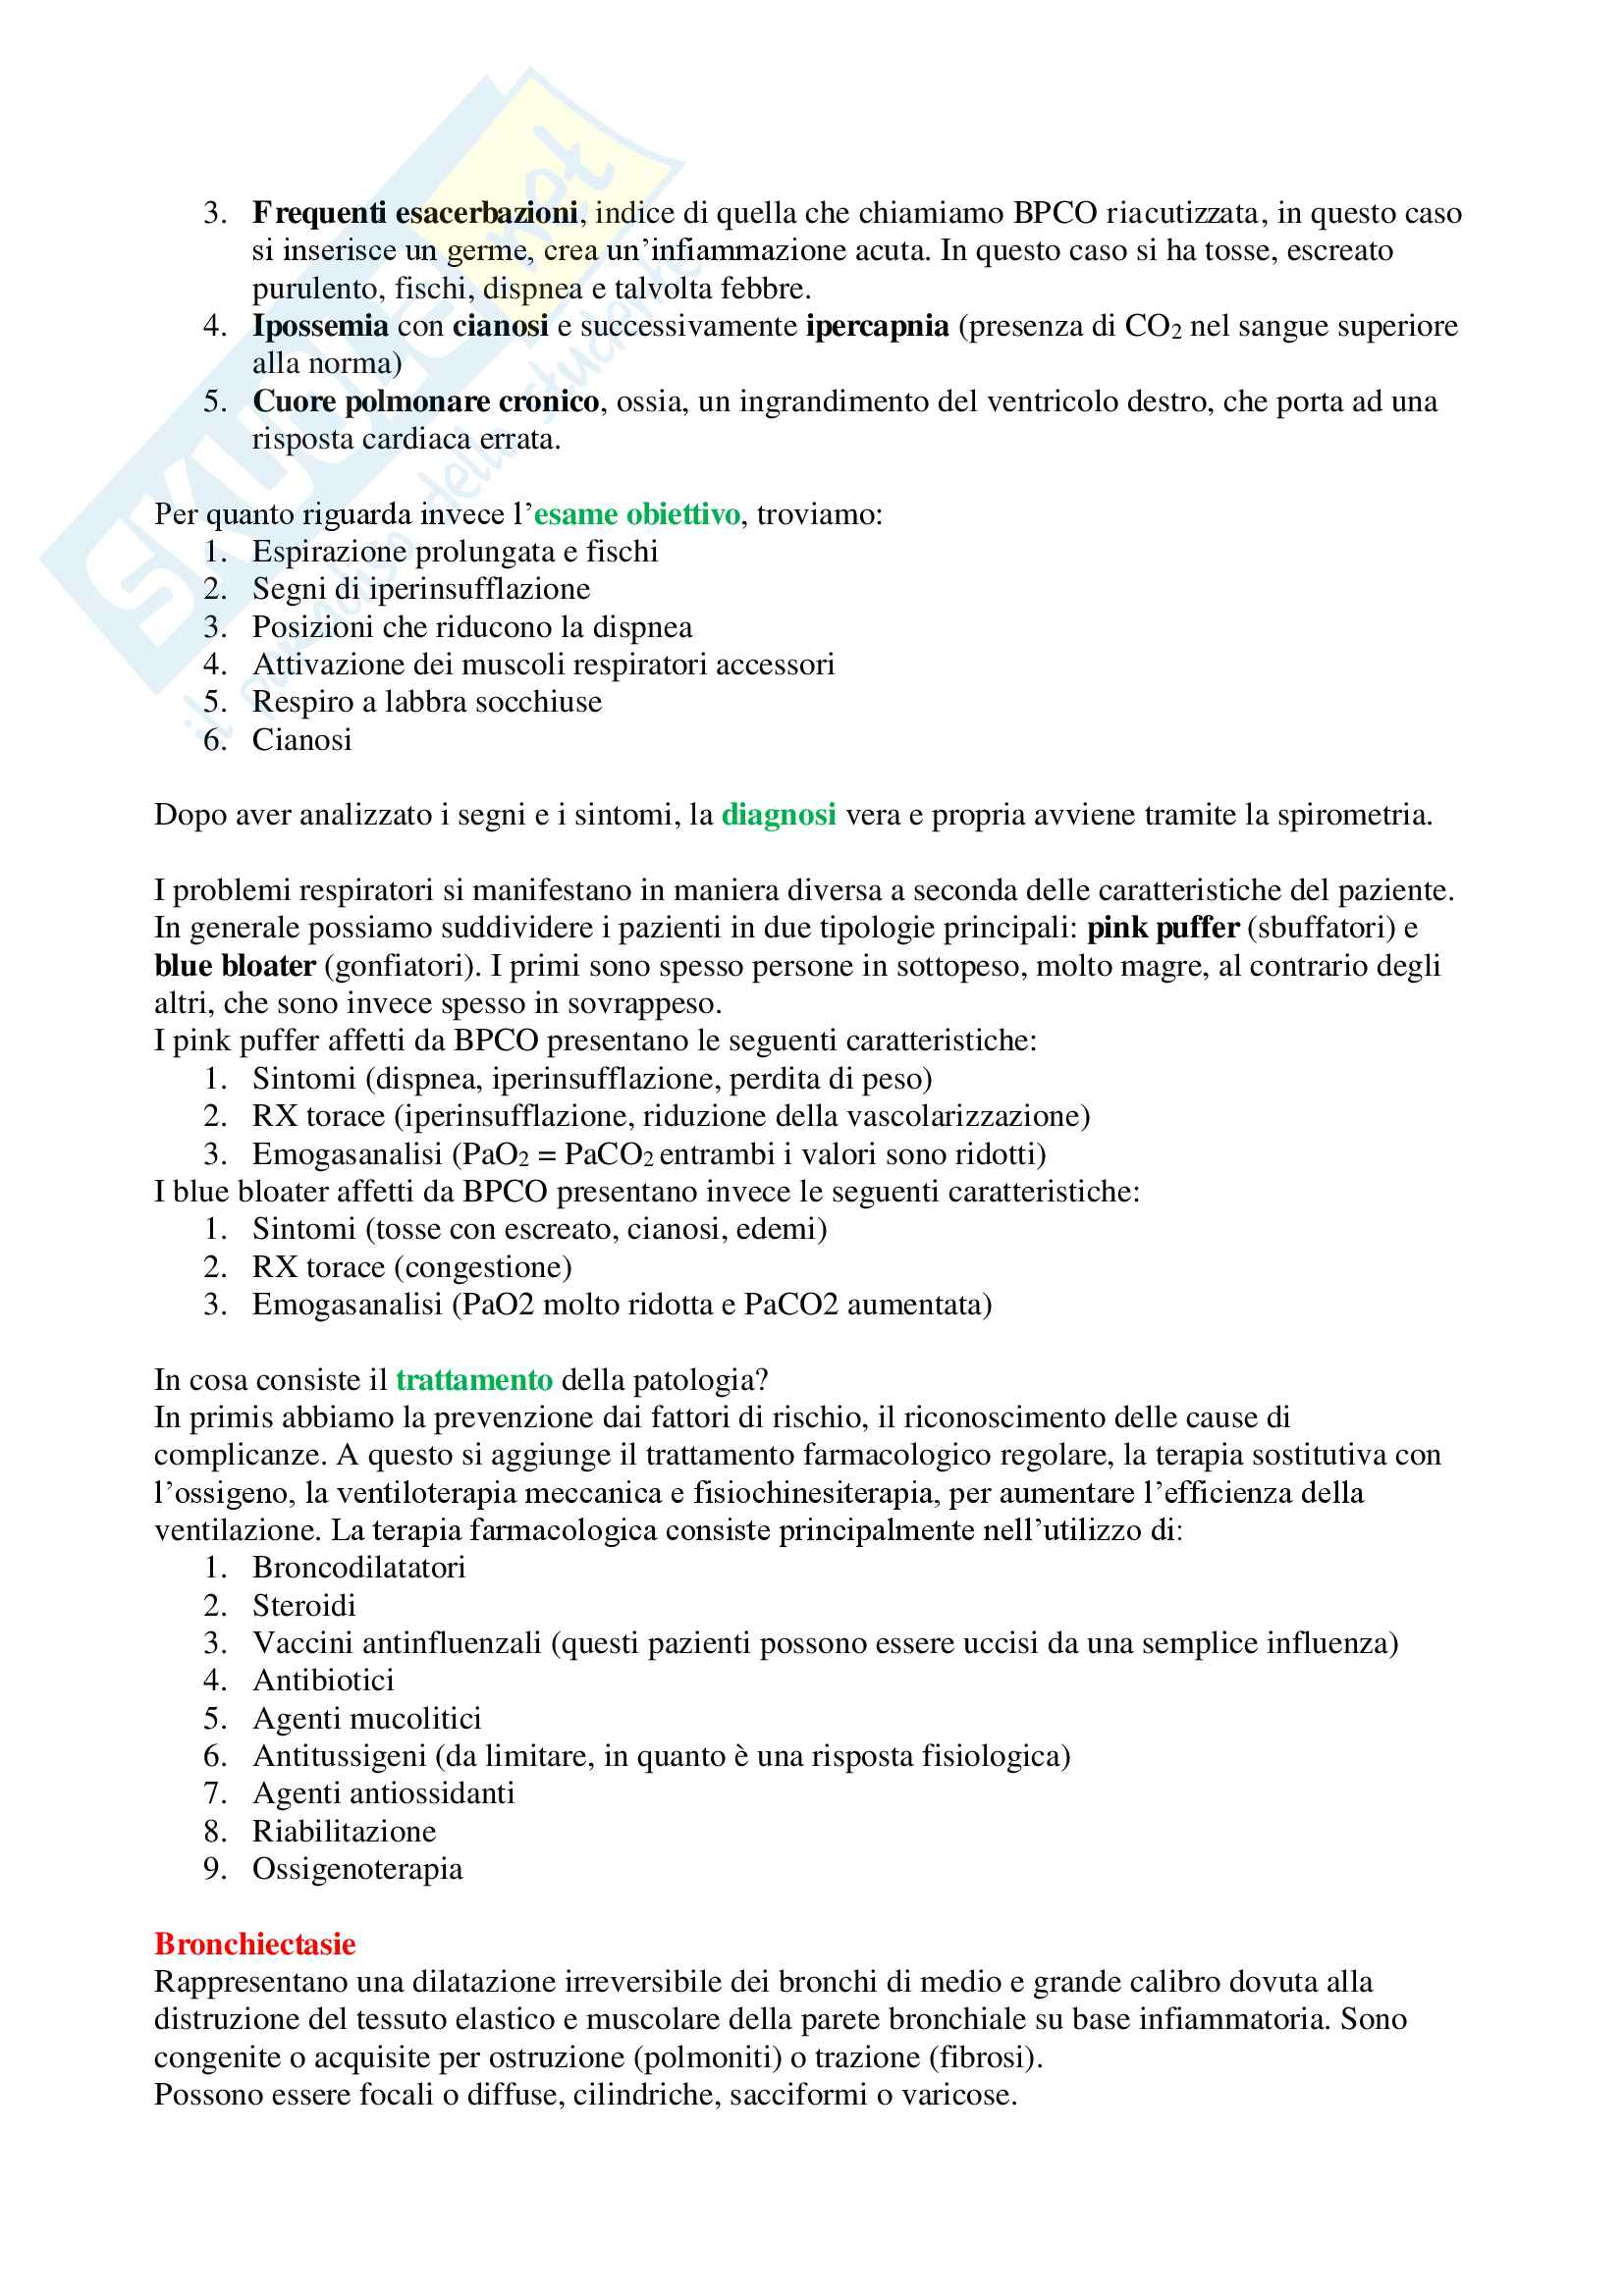 Medicina Interna (Patologie Apparato Cardiovascolare e Respiratorio) - Appunti Completi Pag. 31